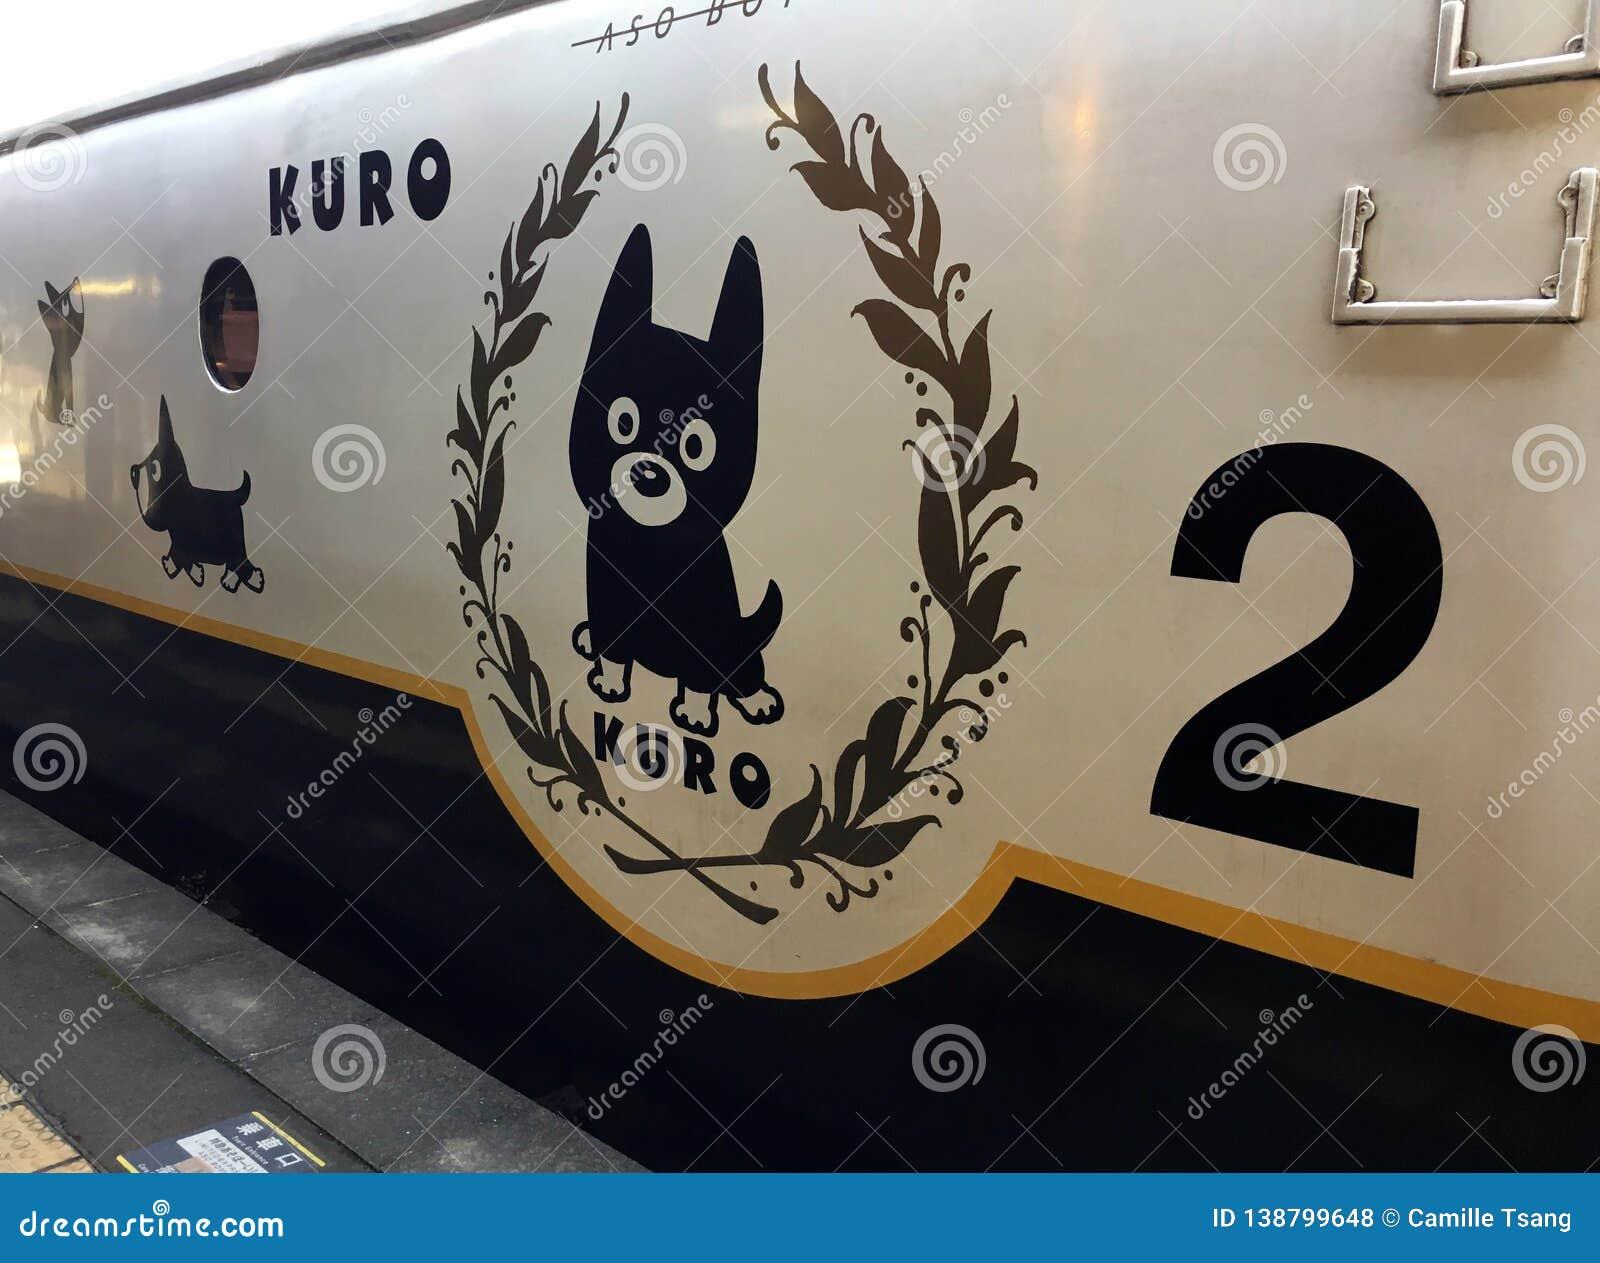 The Limited JR Express Train At Kyushu, Japan Editorial